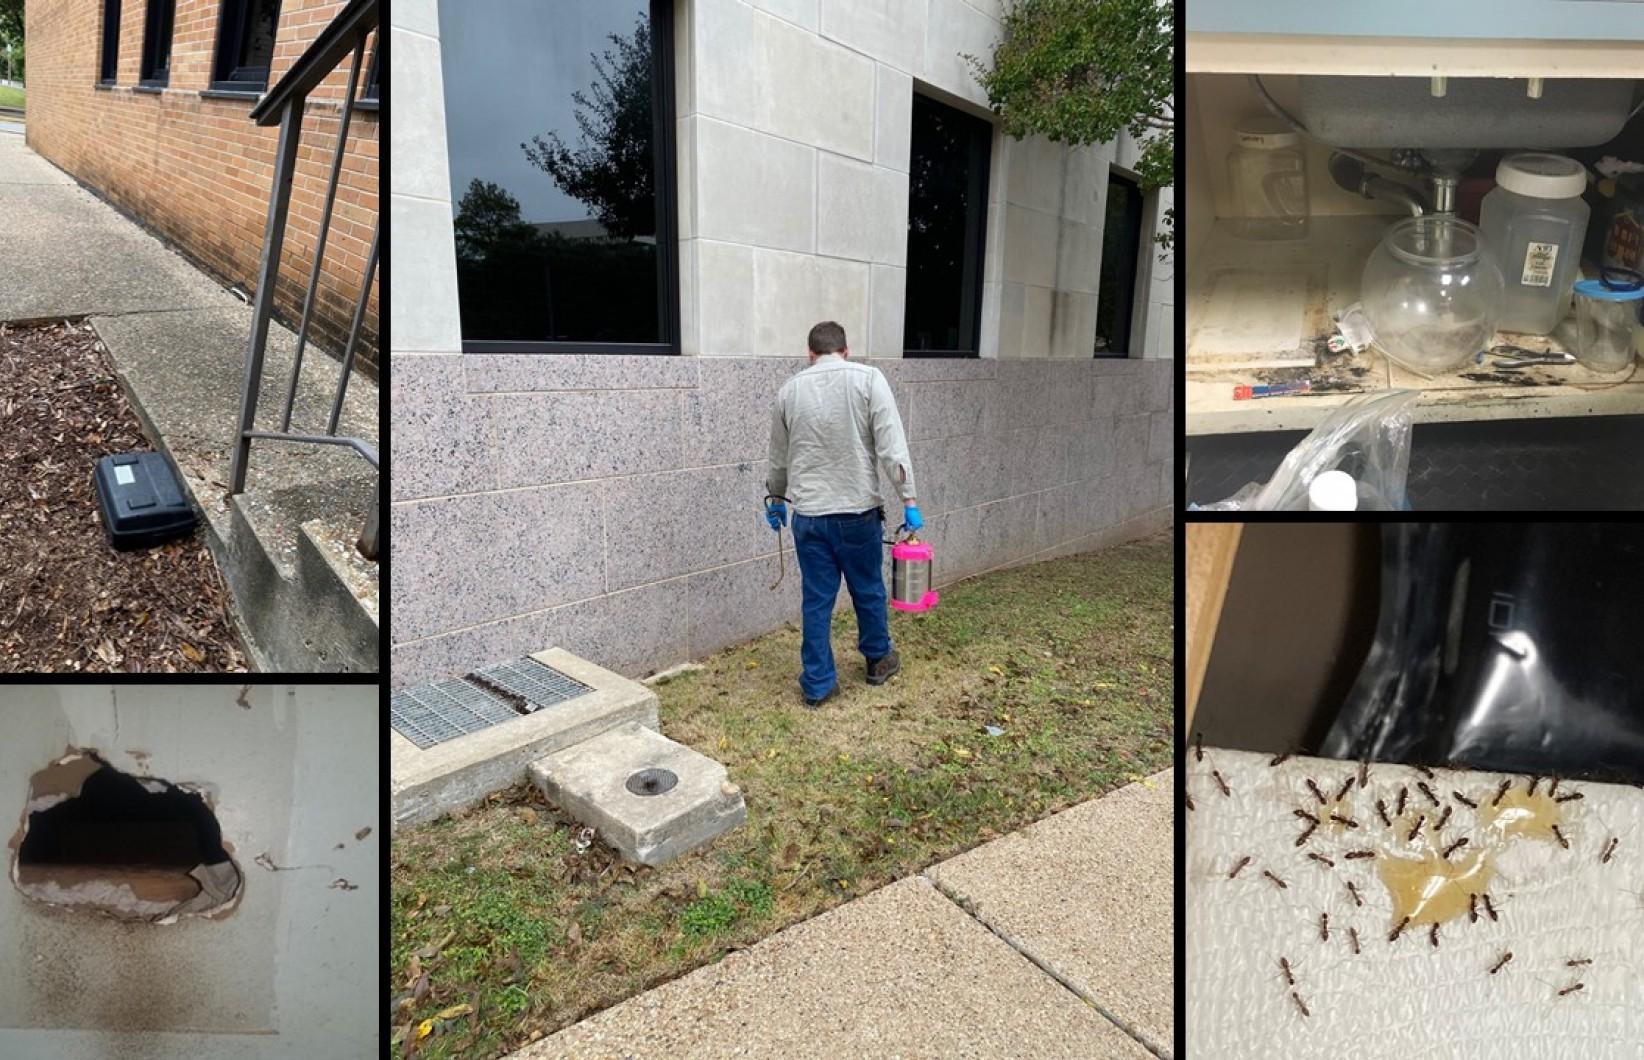 Image collage of campus pest control